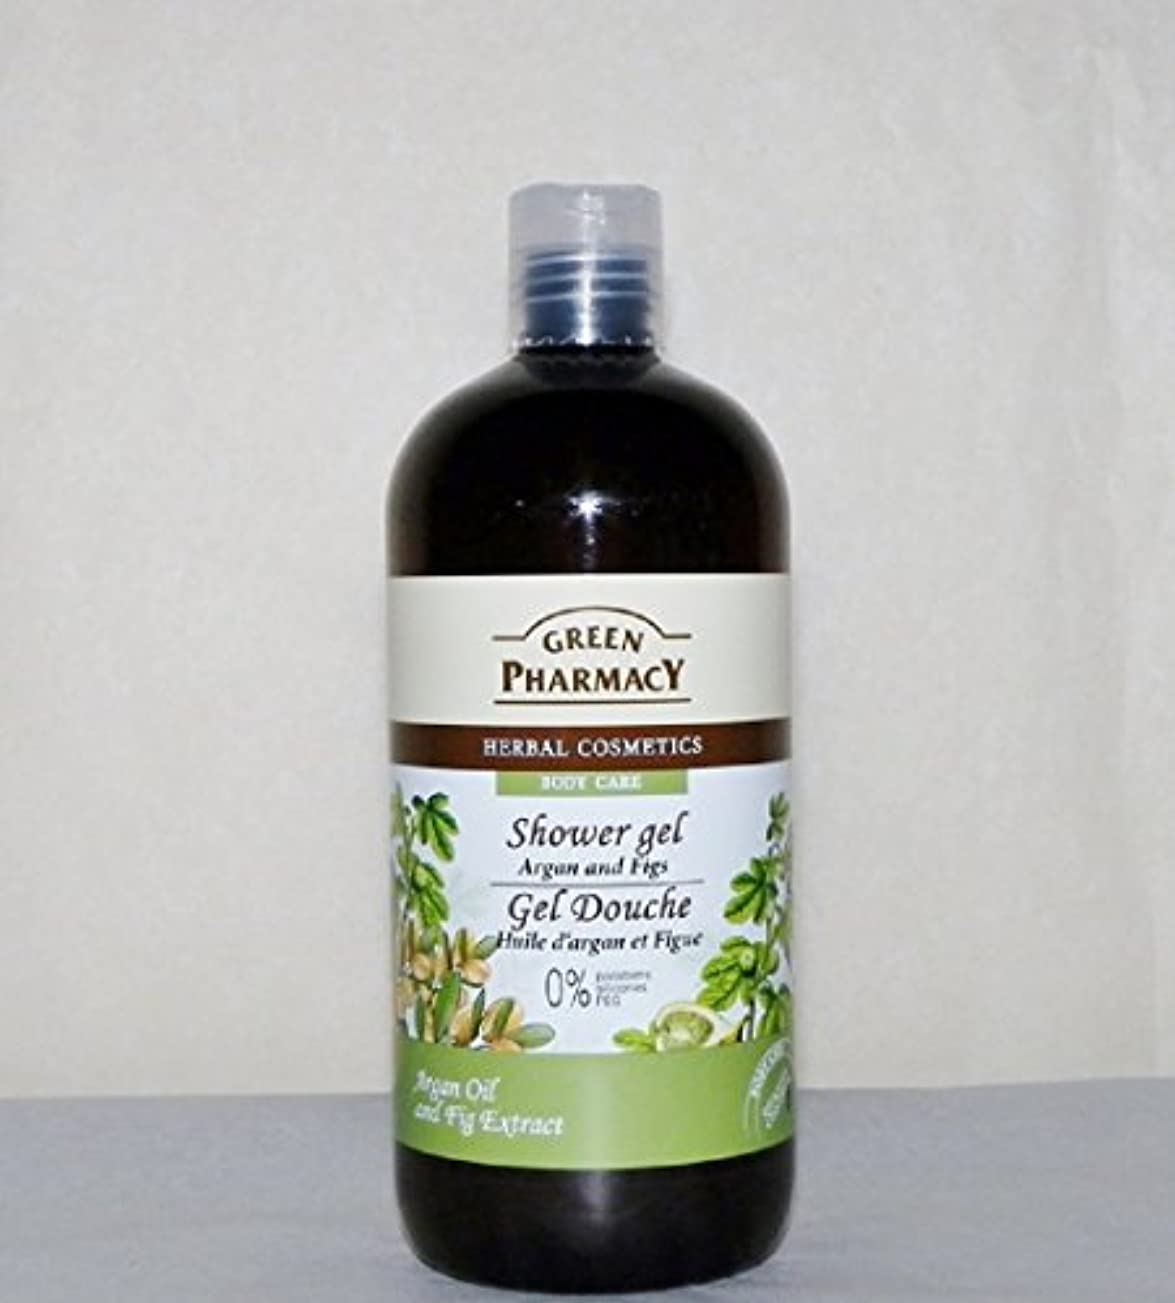 クリップ松批判するElfa Pharm Green Pharmacy グリーンファーマシー Shower Gel シャワージェル Argan Oil&Figs